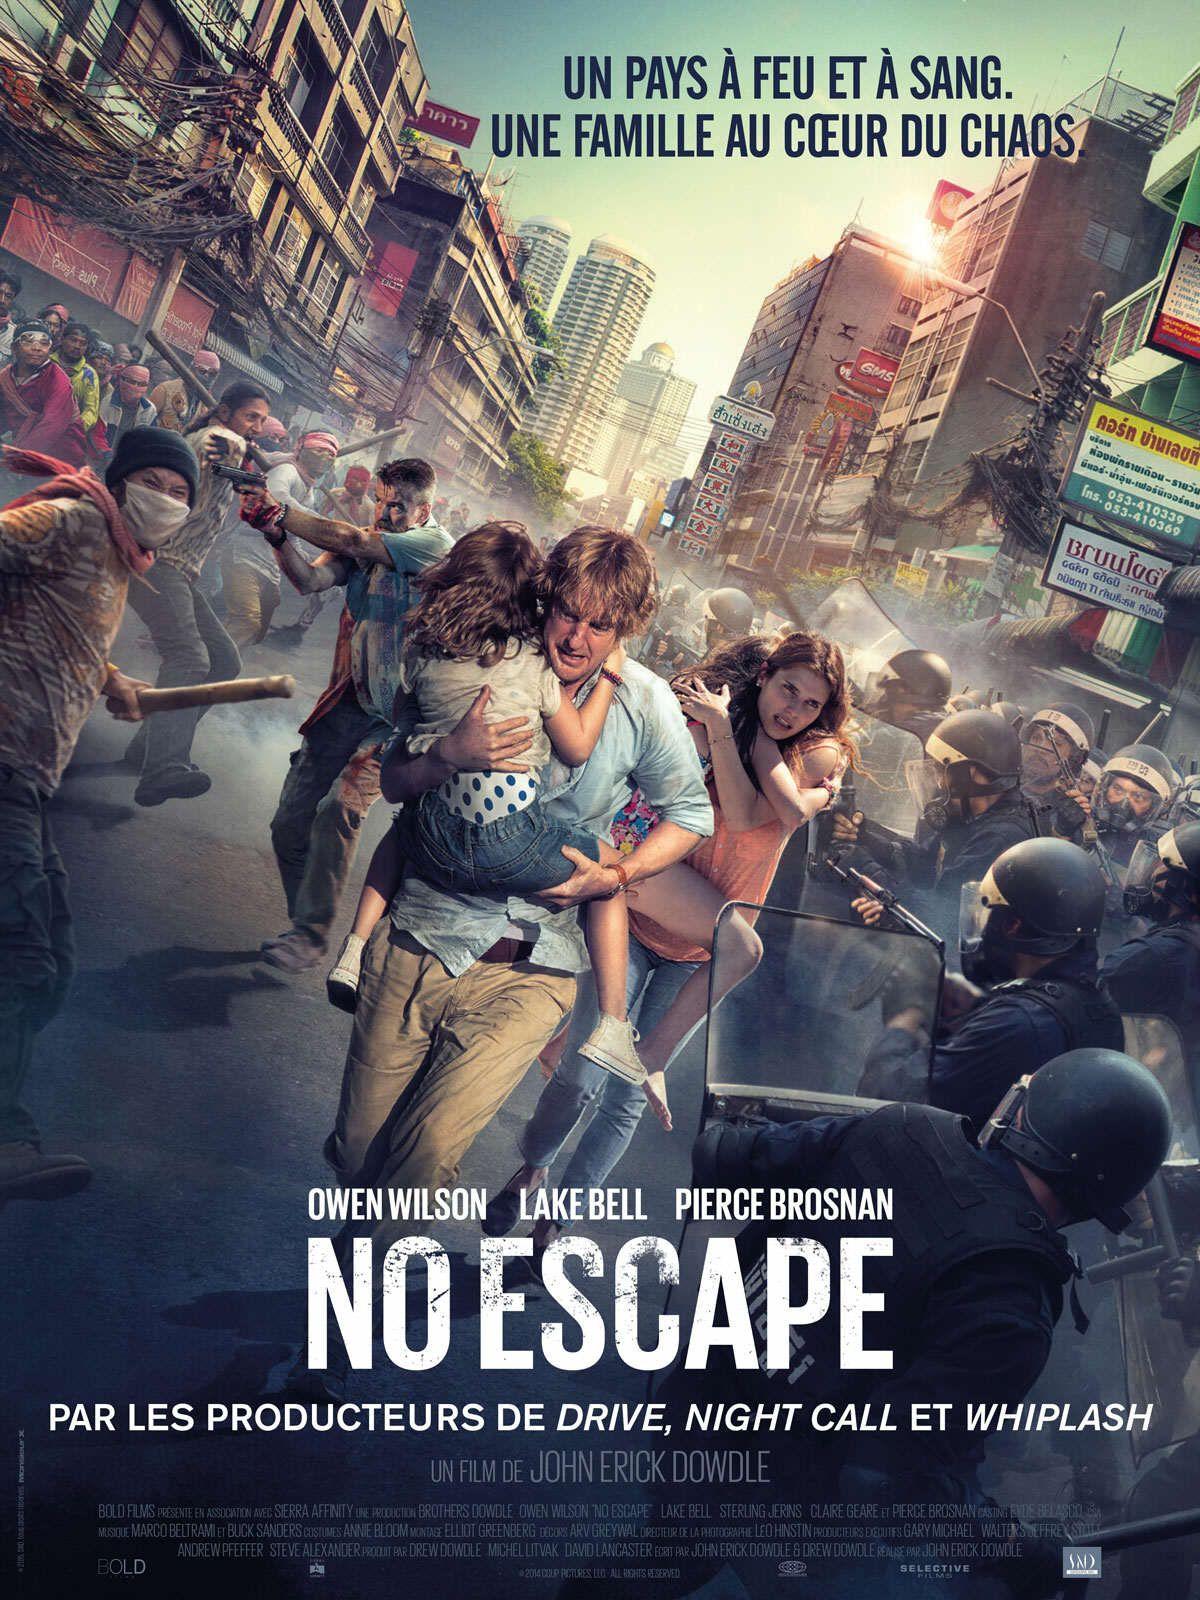 No Escape Une Montee D Adrenaline Qui Seduira Le Grand Public Cinema Et Series Putsch Escape Movie Free Movies Online Full Movies Online Free